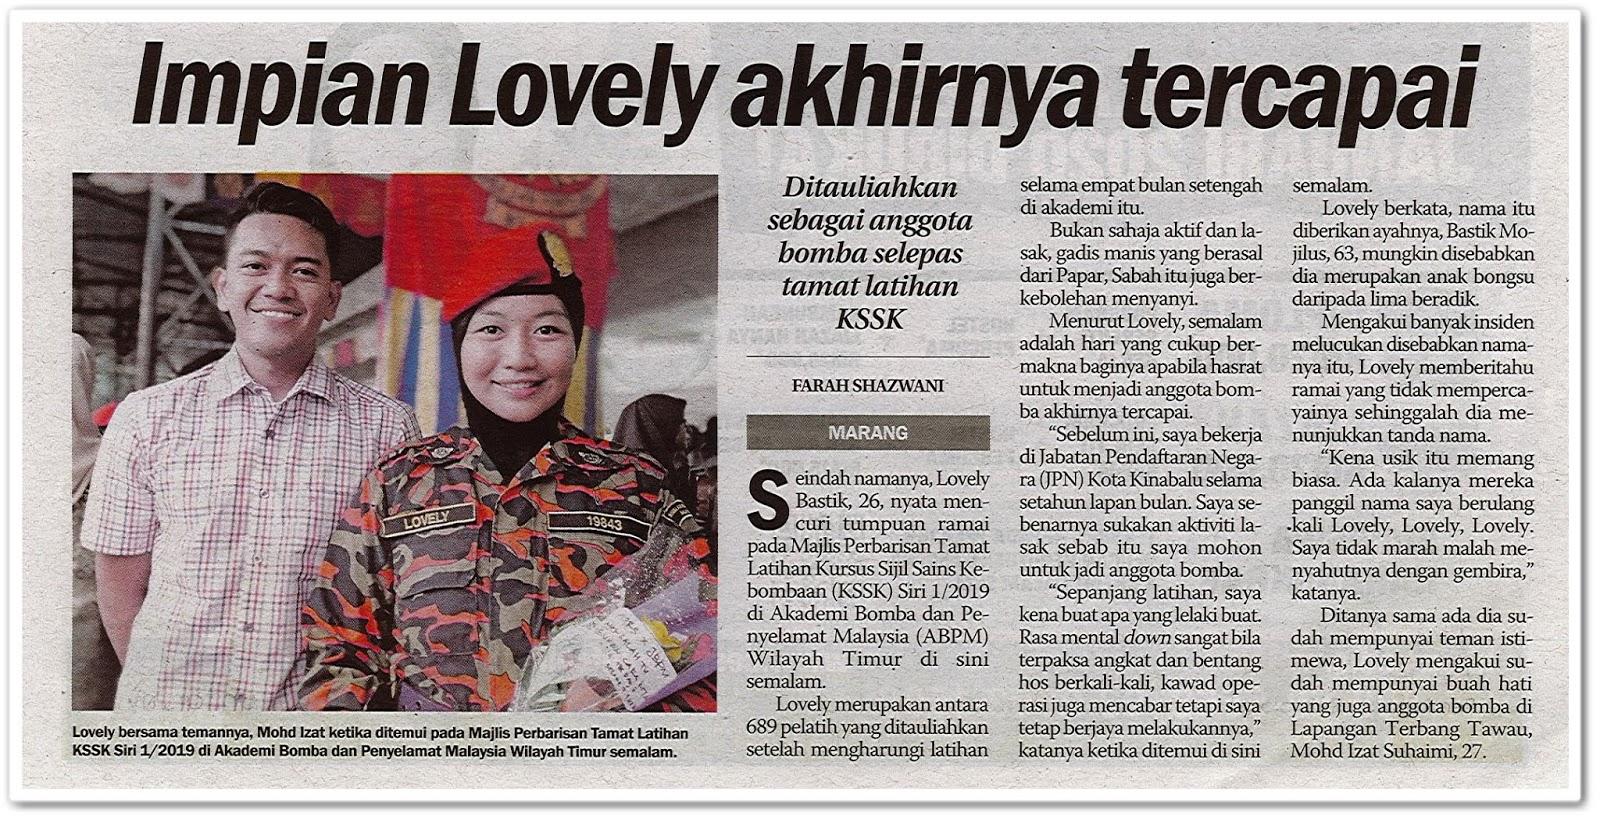 Impian Lovely akhirnya tercapai - Keratan akhbar Sinar Harian 18 Disember 2019